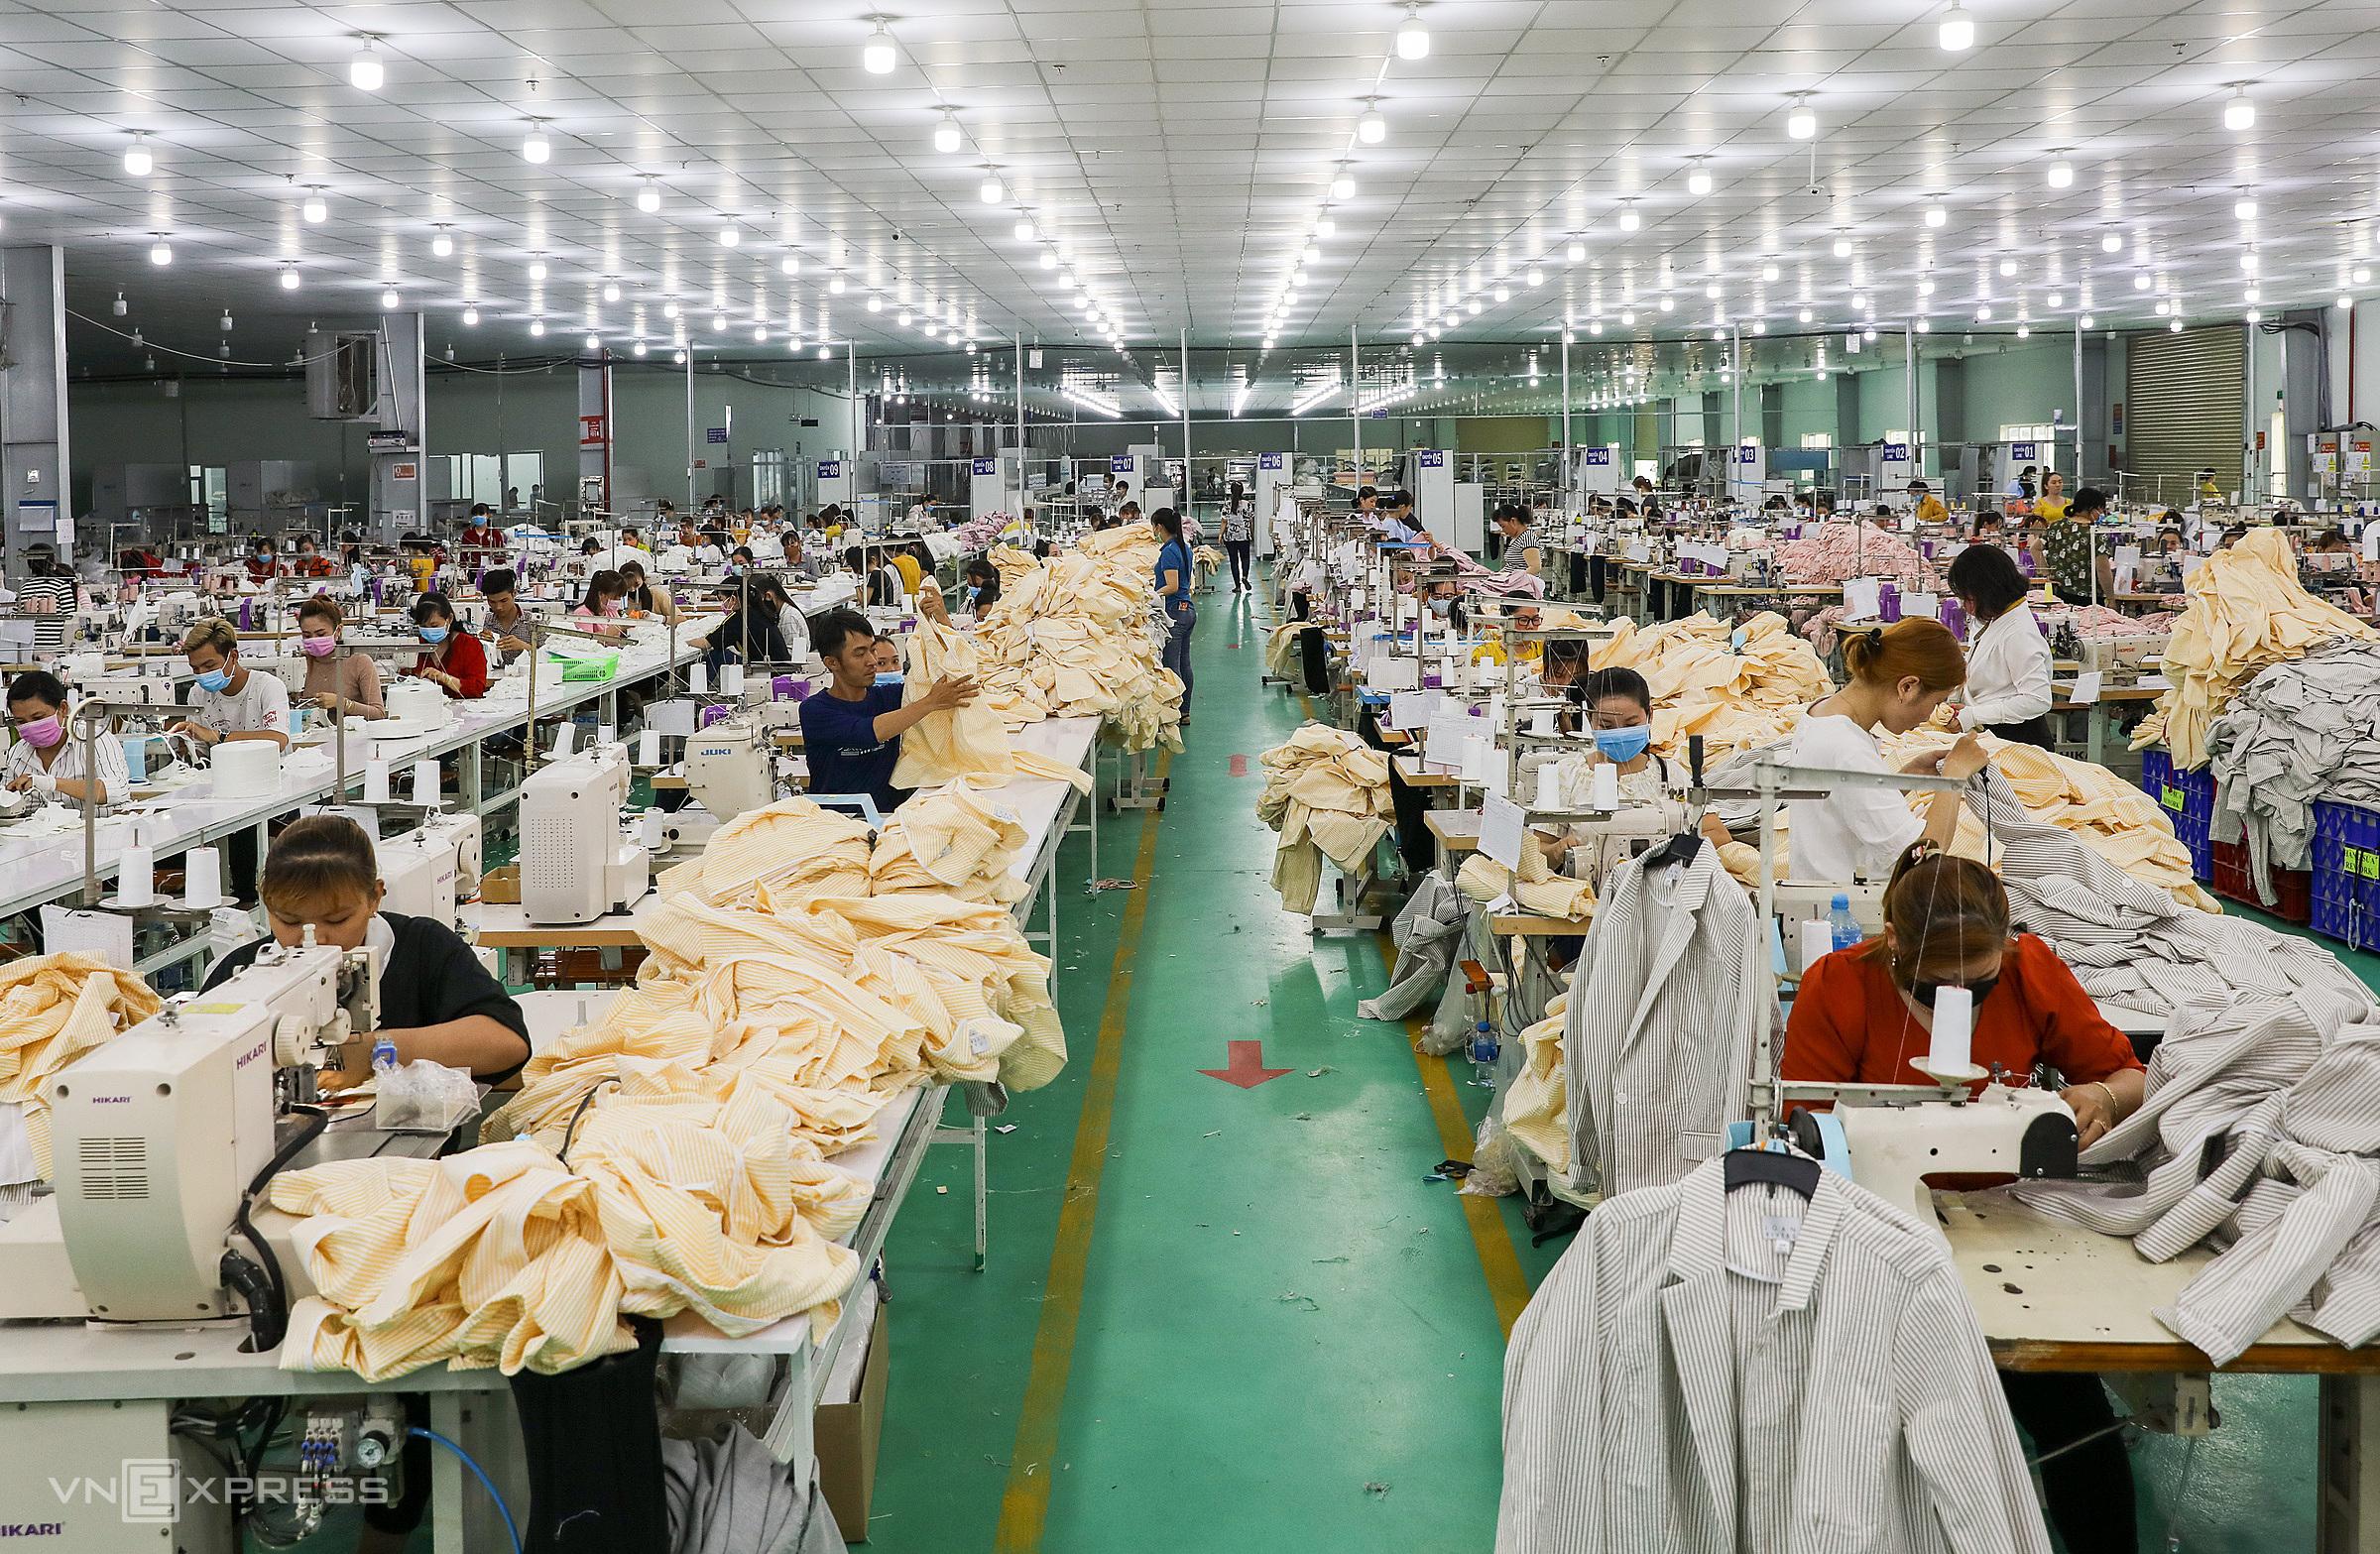 Công nhân làm việc trong một công ty may mặc ở KCN Tân Đô, Long An ngày 29/2.Ảnh: Quỳnh Trần